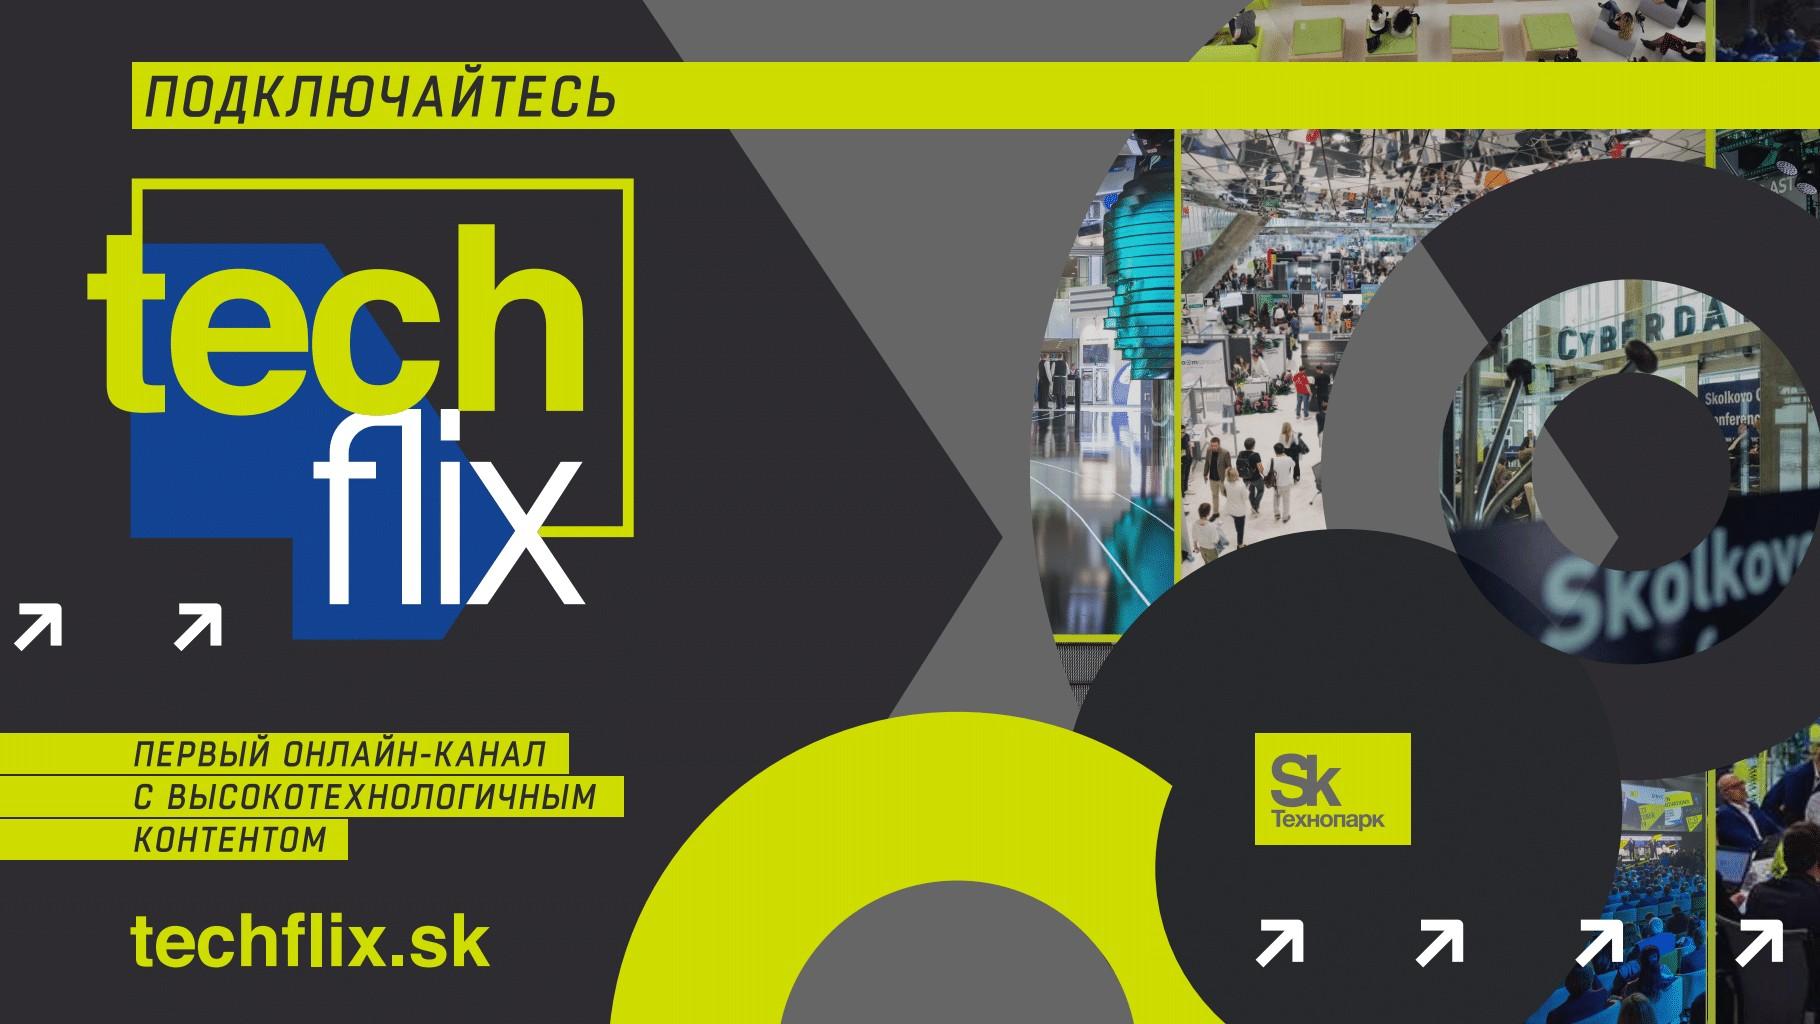 TechFlix powered by Skolkovo